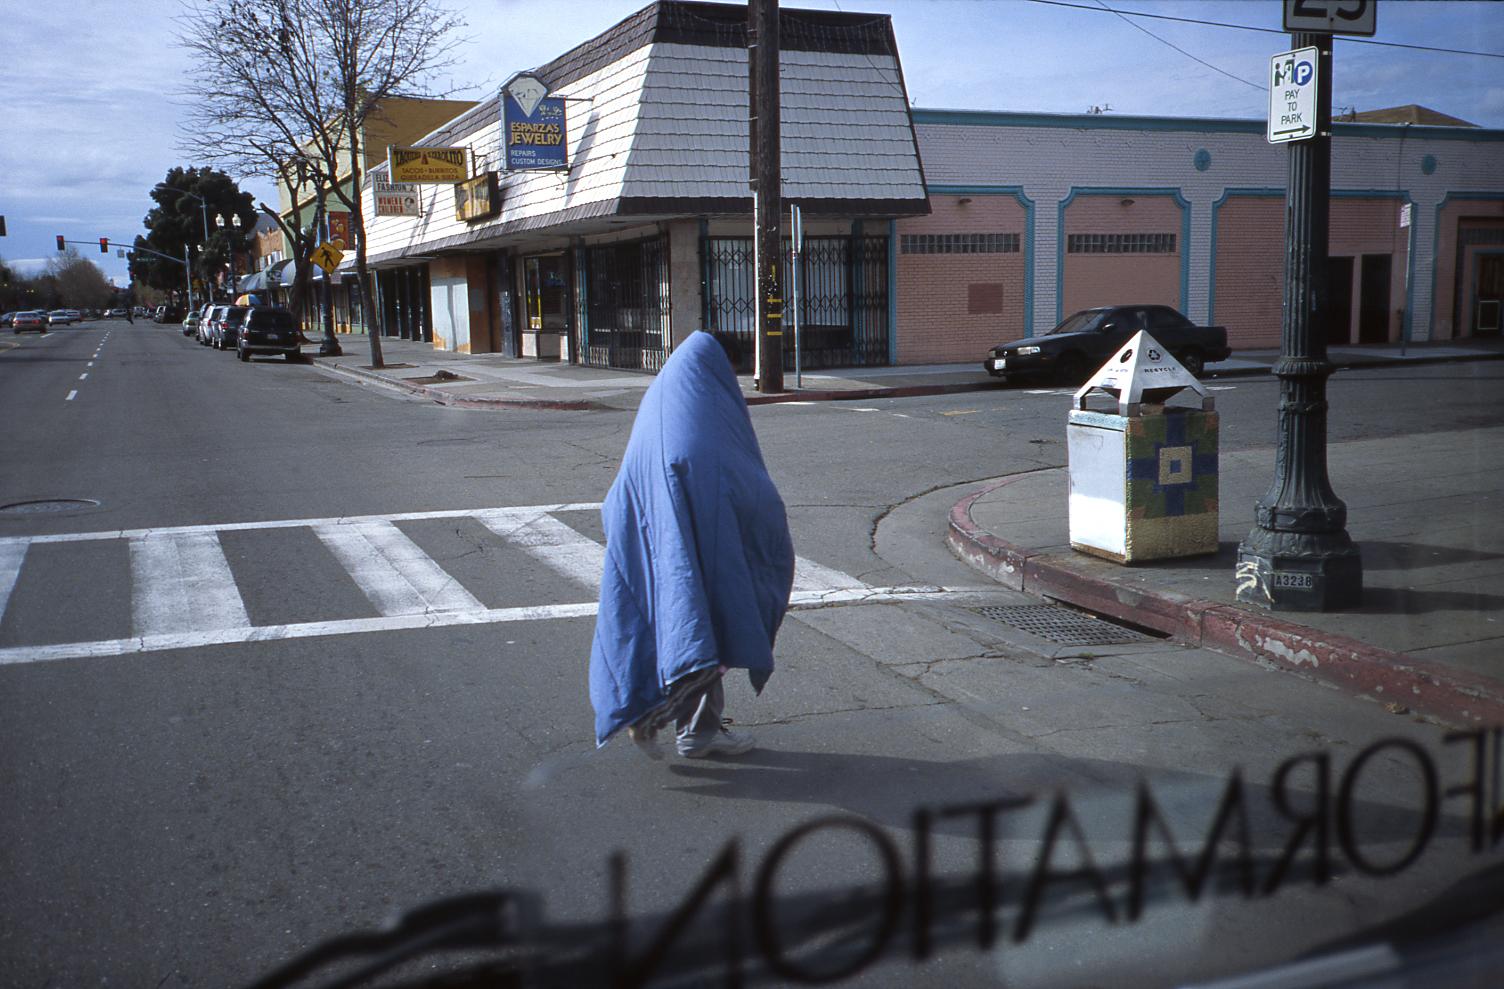 HoodedWalker-11.65.2012.jpg